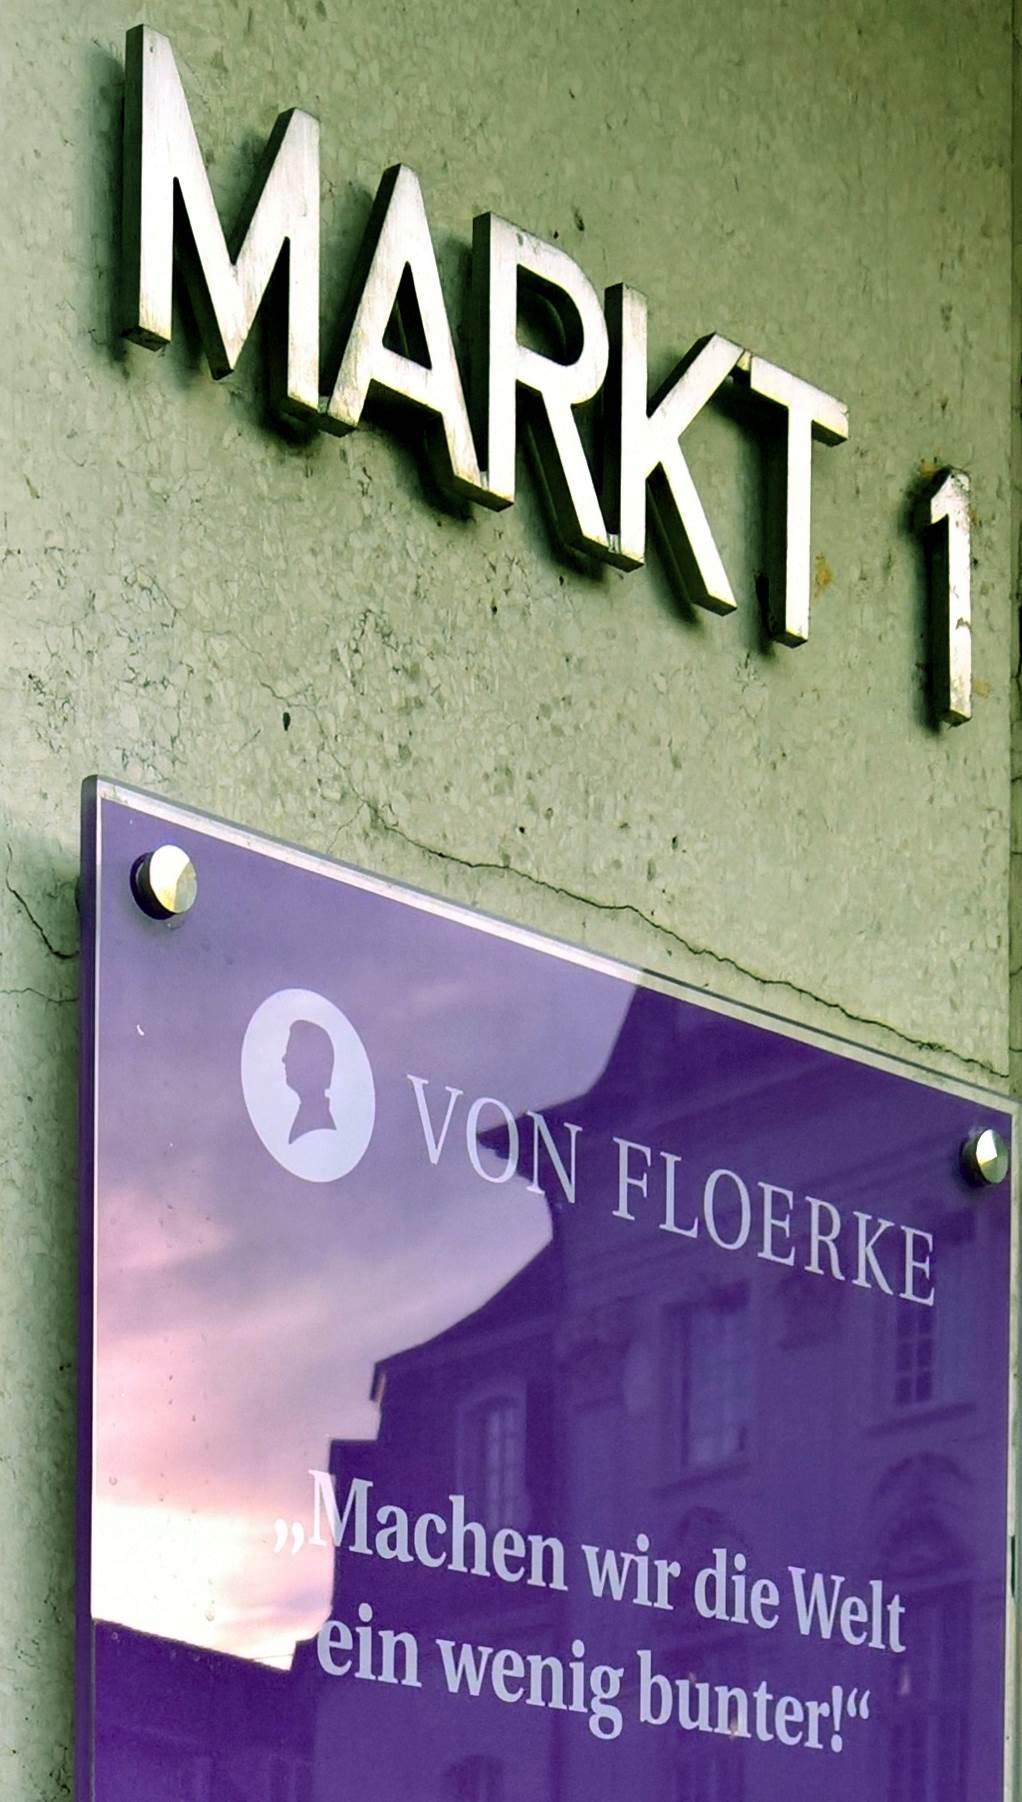 von-floerke-bonn-markt-thelen